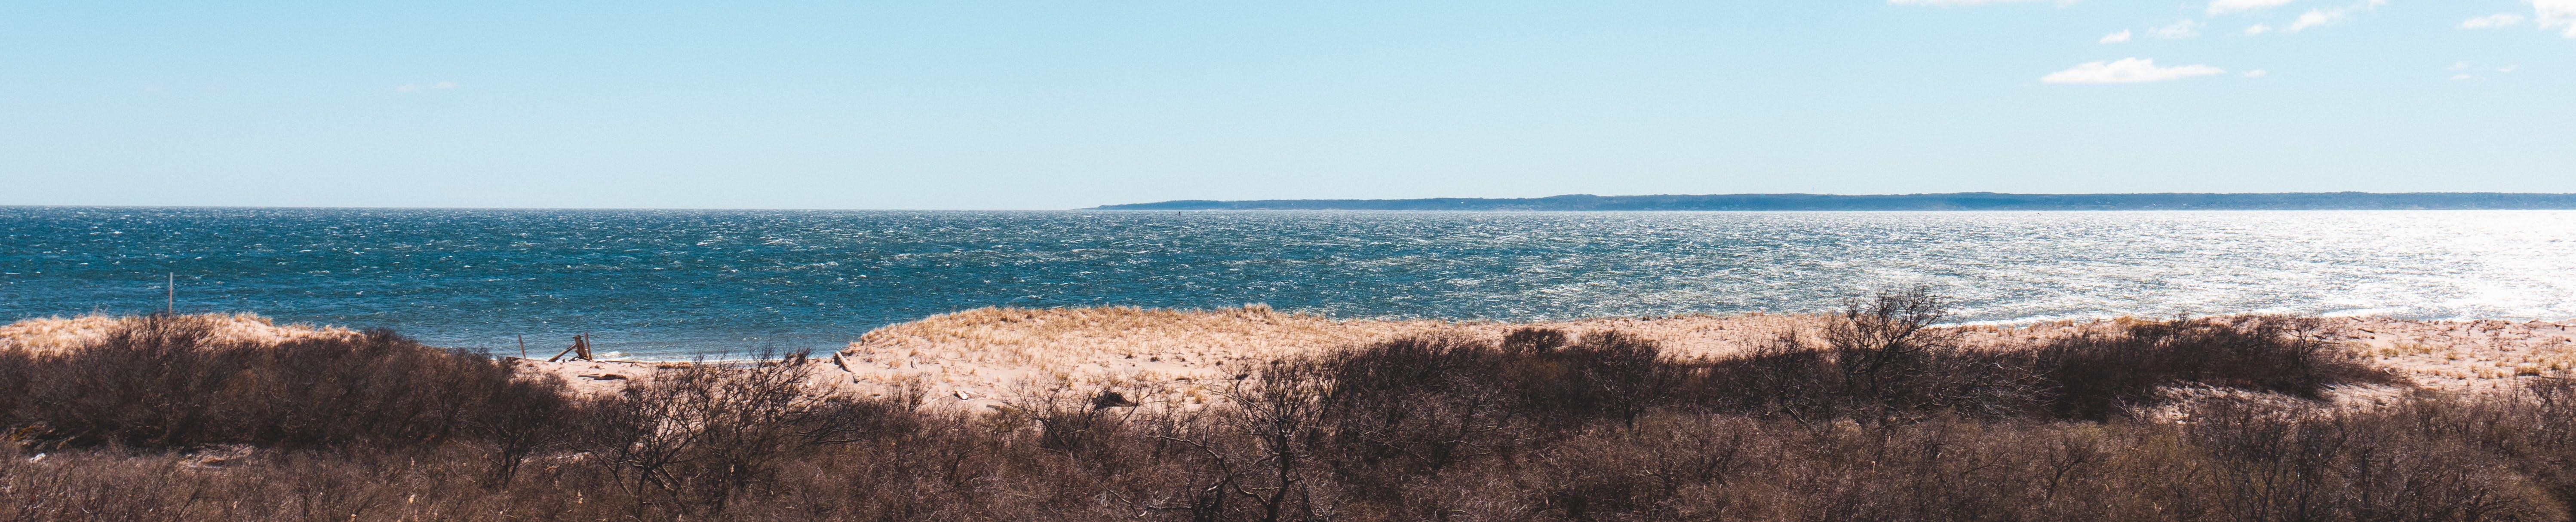 Základová fotografie zdarma na téma krajina, oceán, pláž